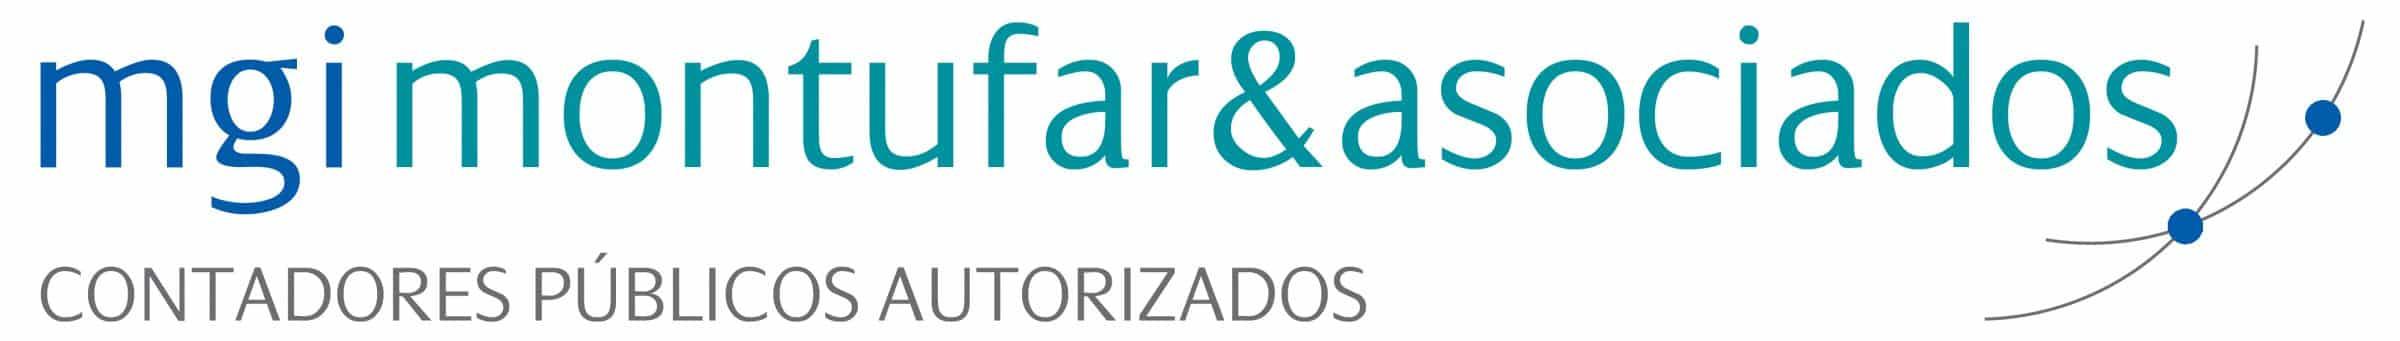 www.montufarcpa.com firma contadores y asesores de impuestos